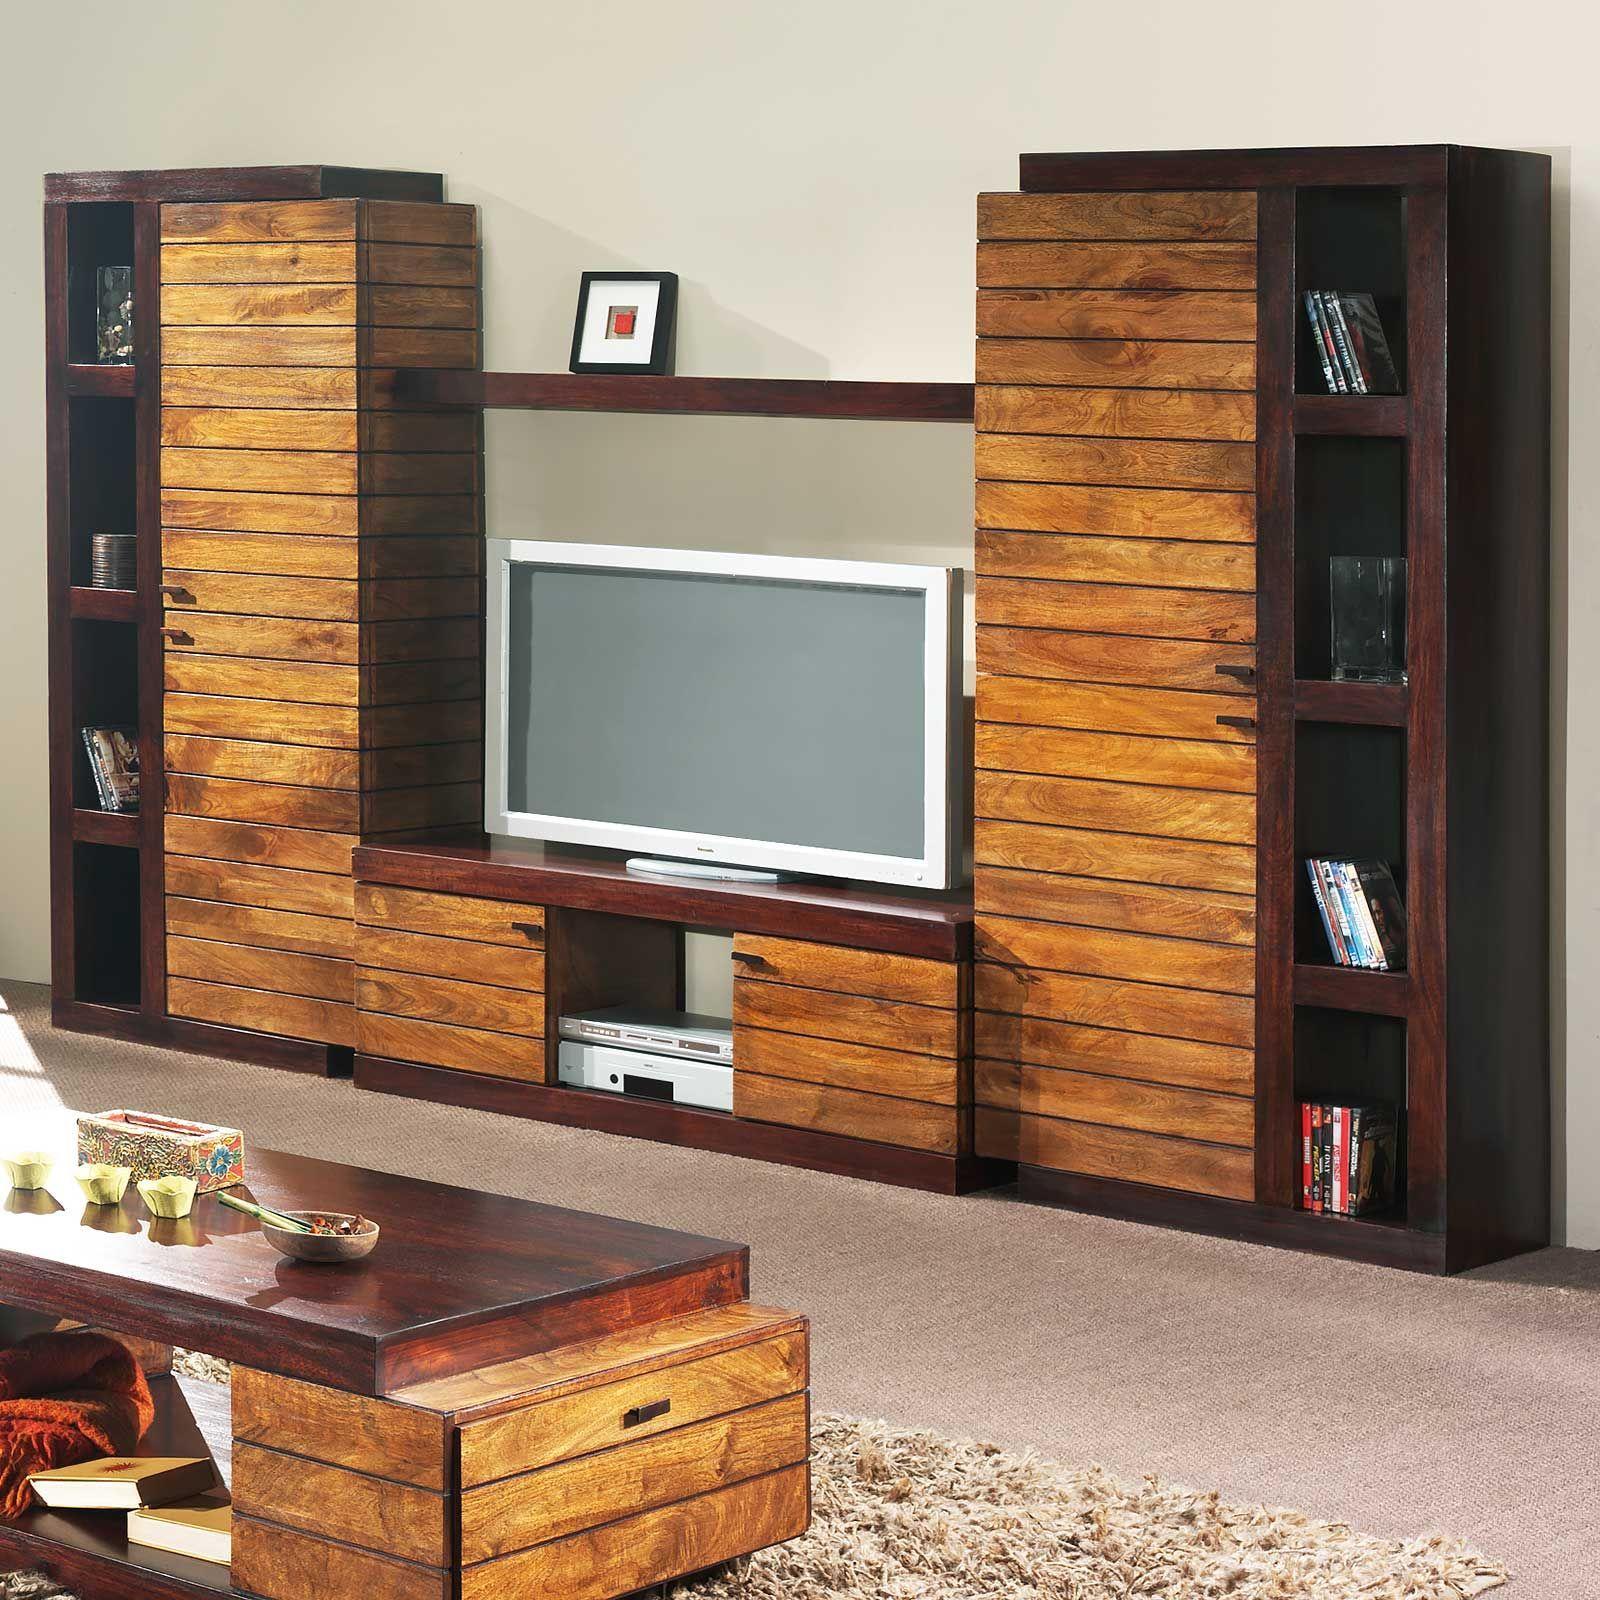 Ensemble meuble tv bois massif de qualité